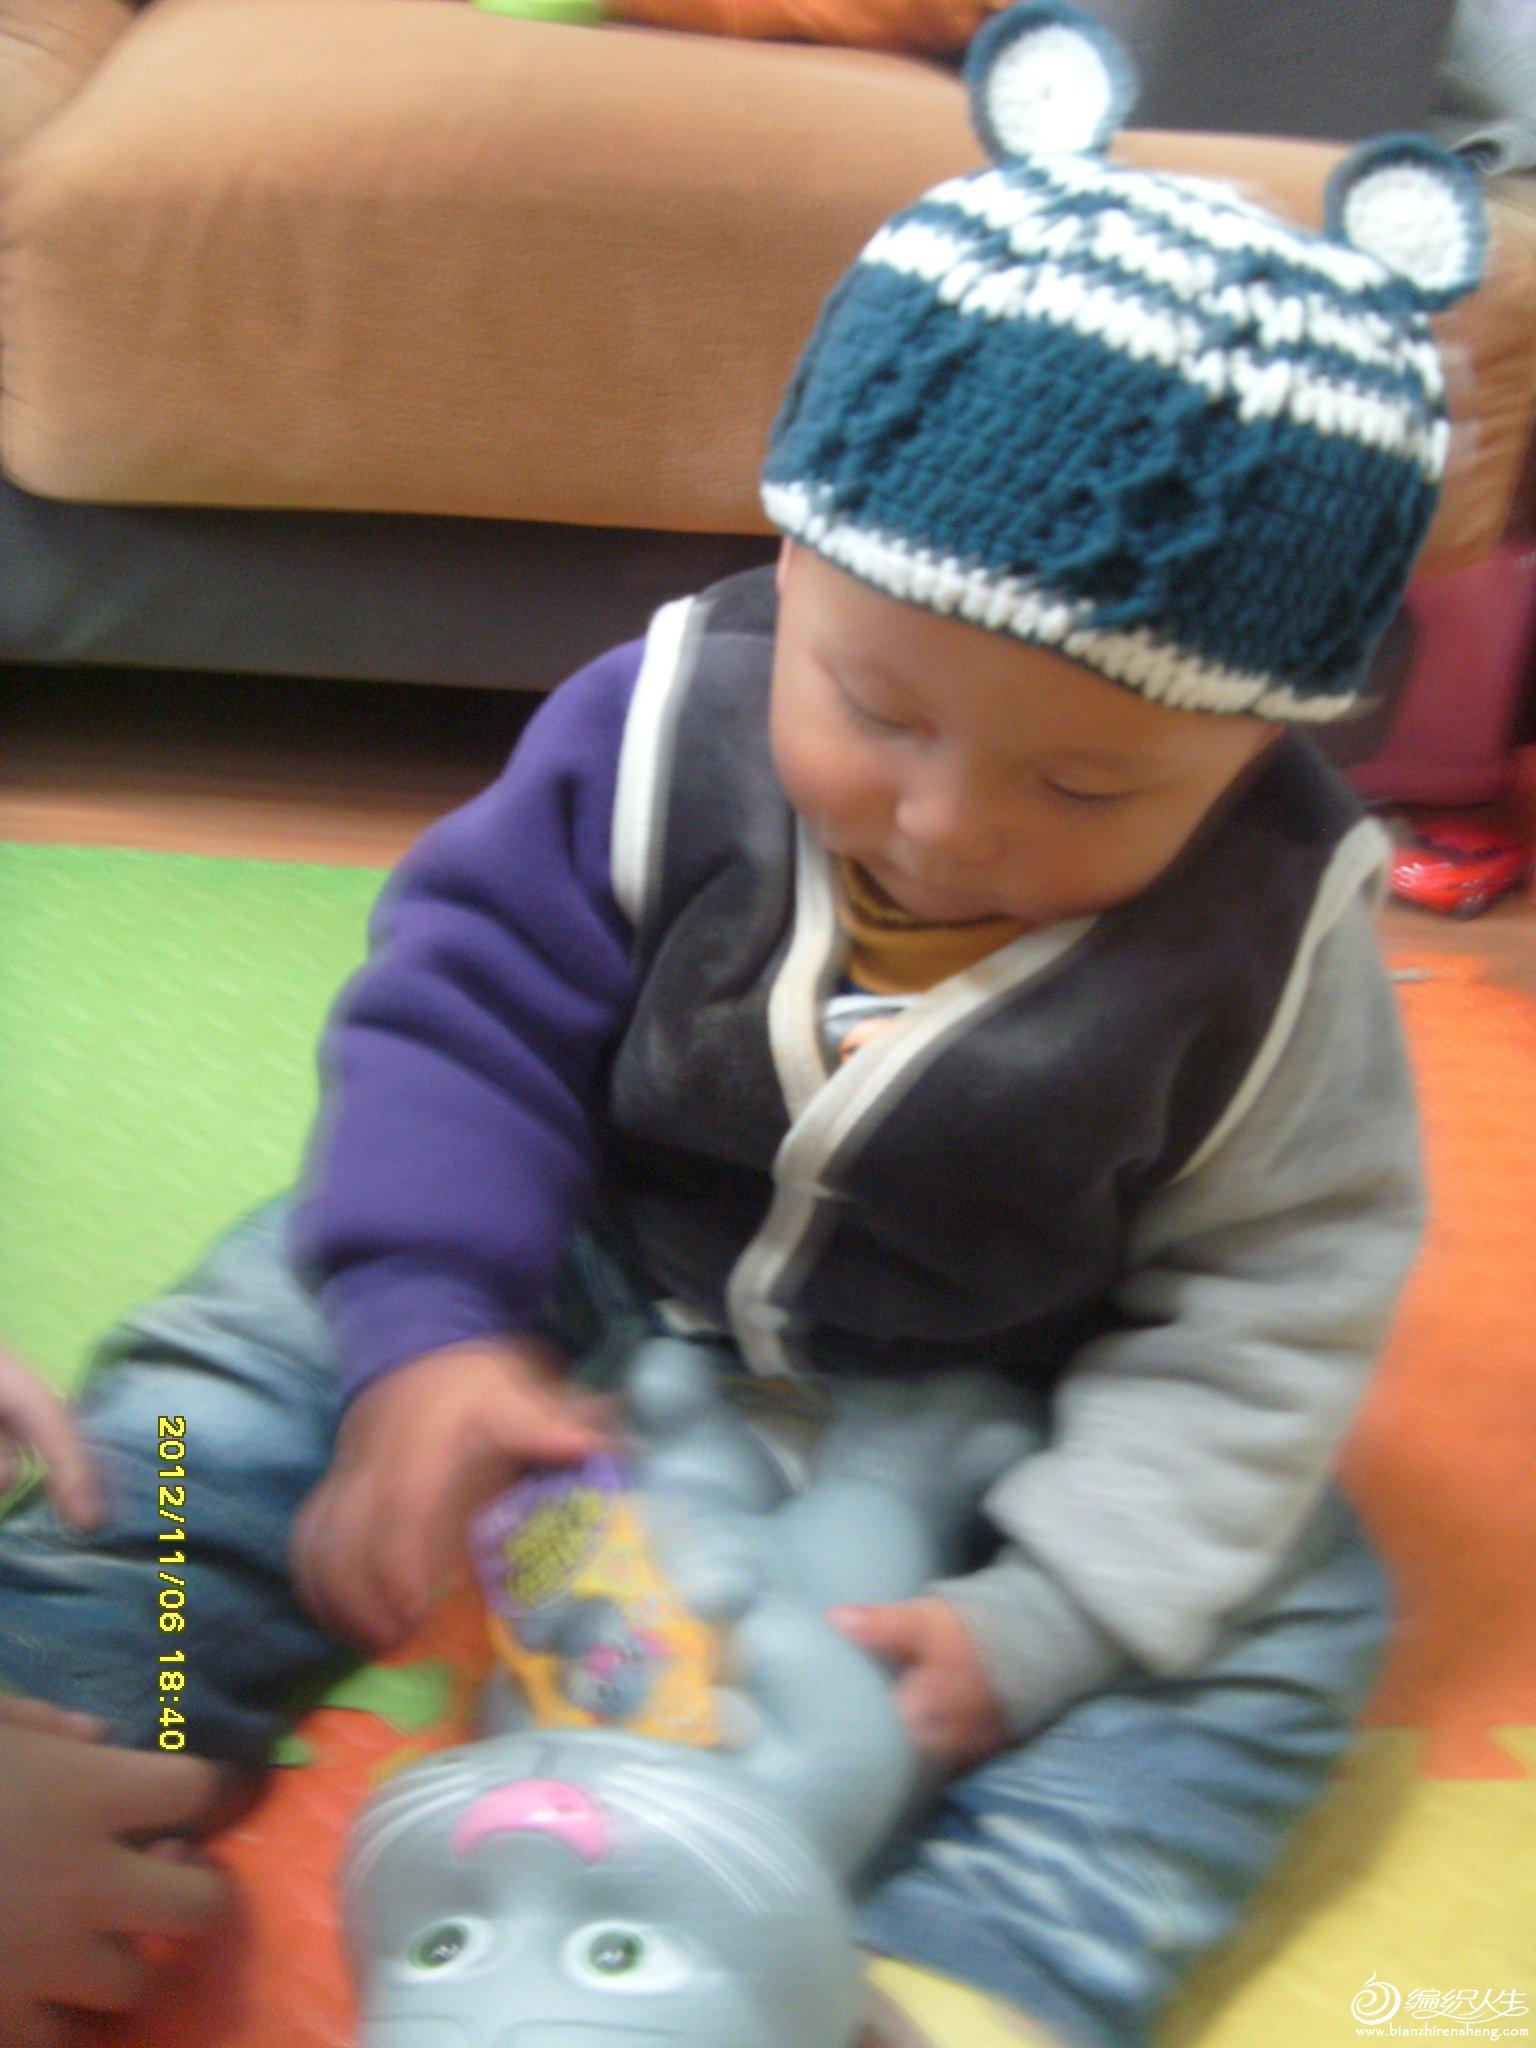 帽子秀,拍的时候宝宝在玩,有点晃